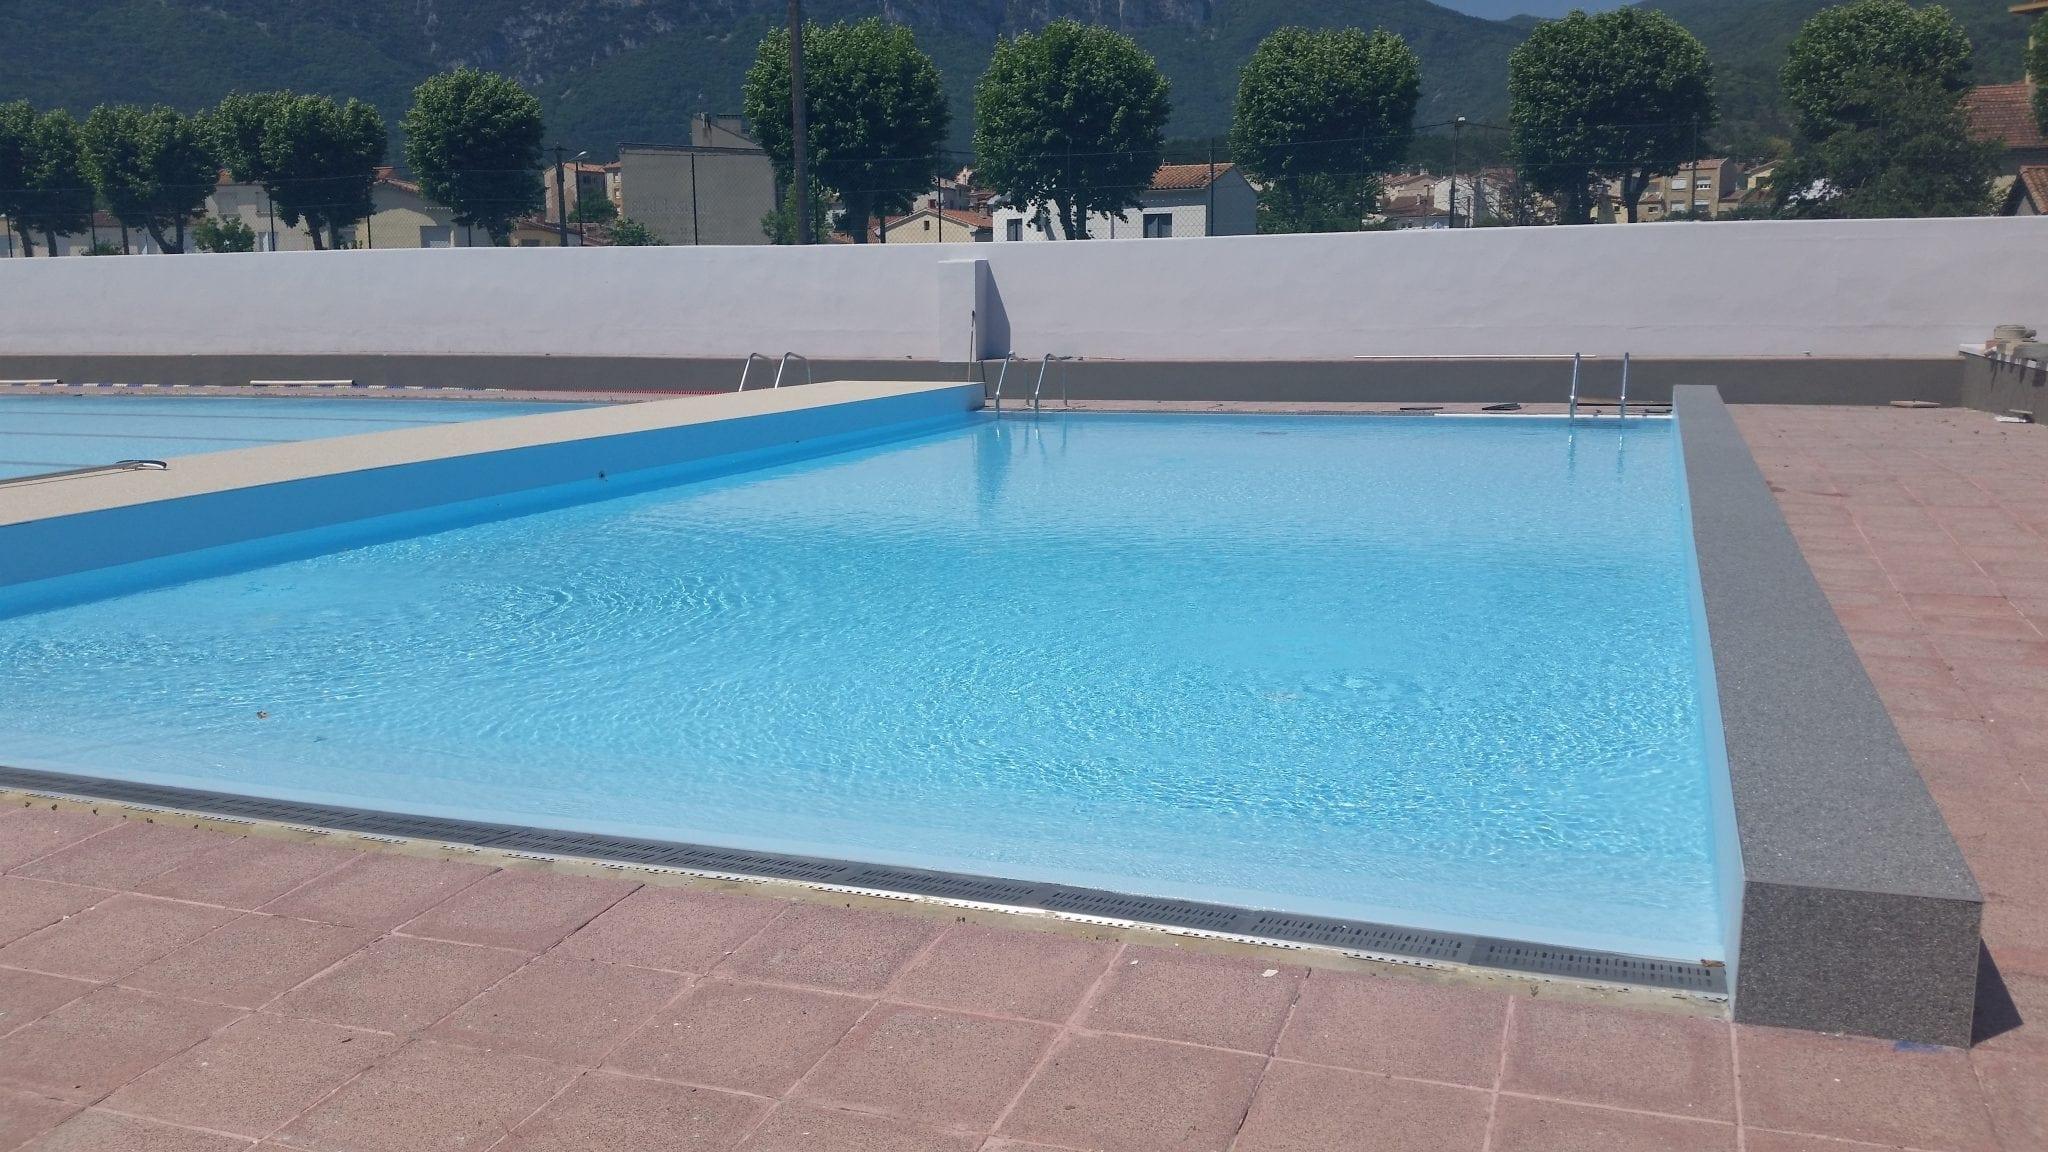 Renovation piscine public narbonne 9 btv piscine for Renovation piscine